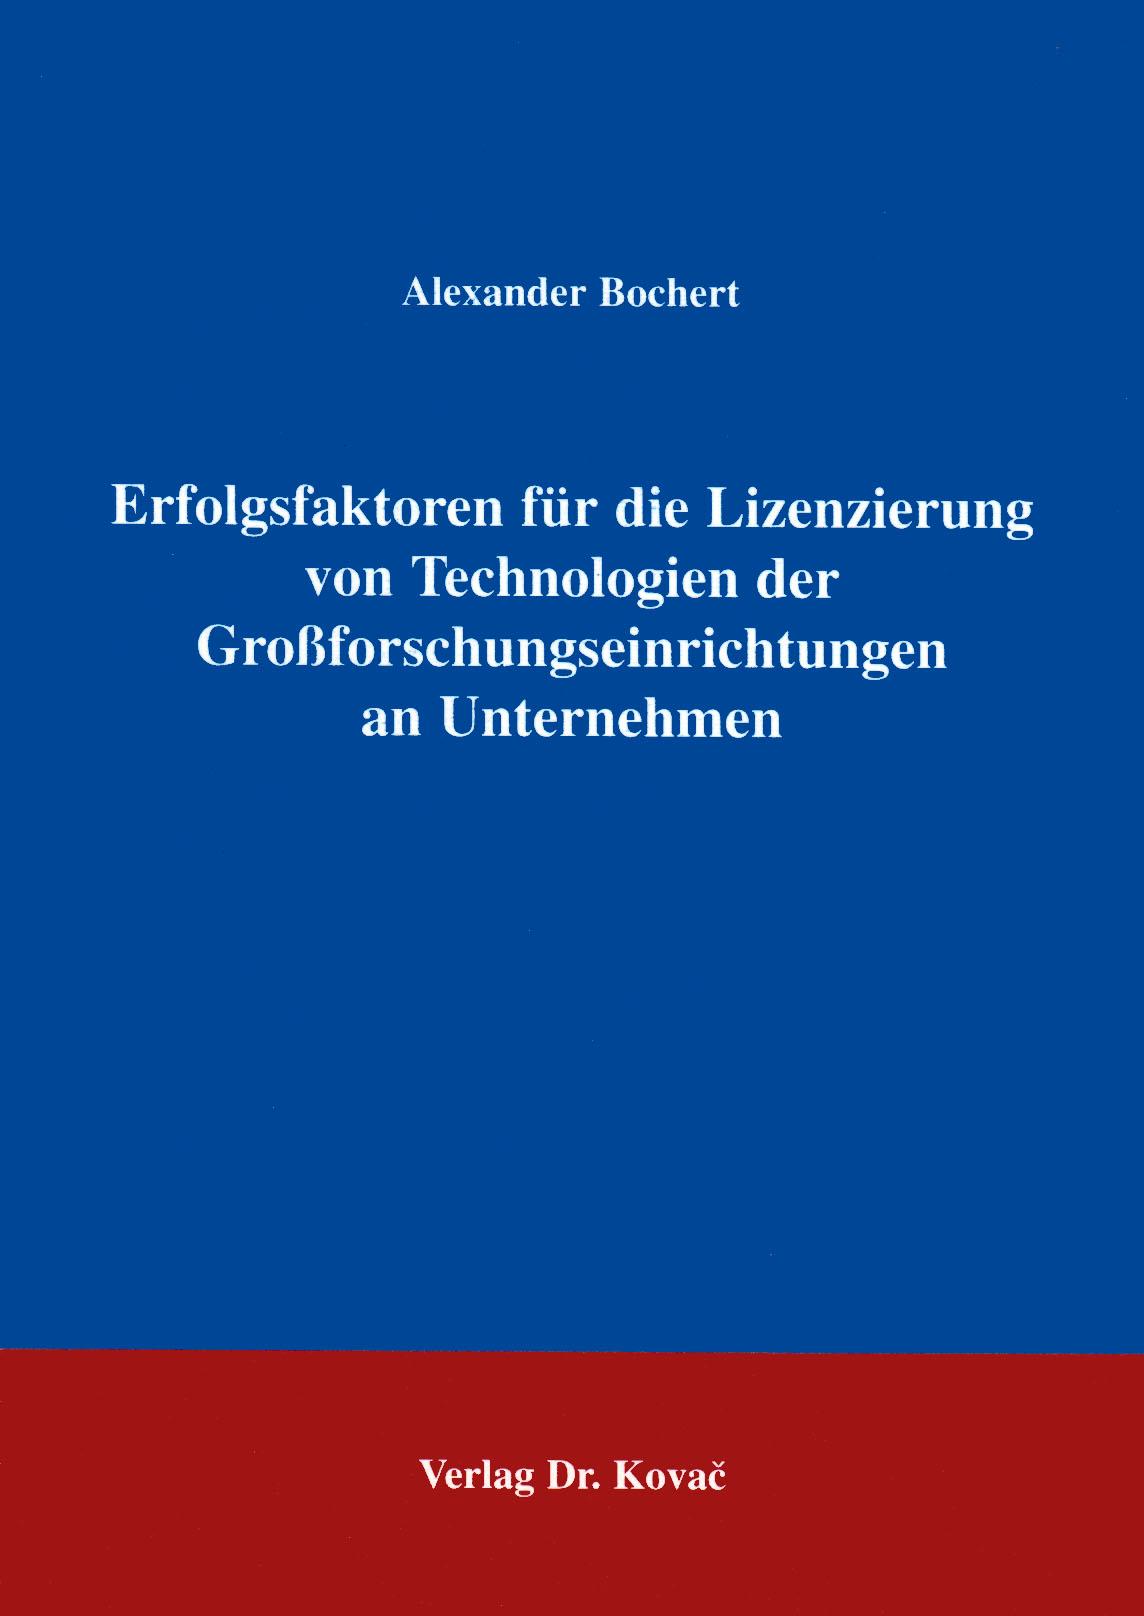 Cover: Erfolgsfaktoren für die Lizenzierung von Technologien der Großforschungseinrichtungen an Unternehmen